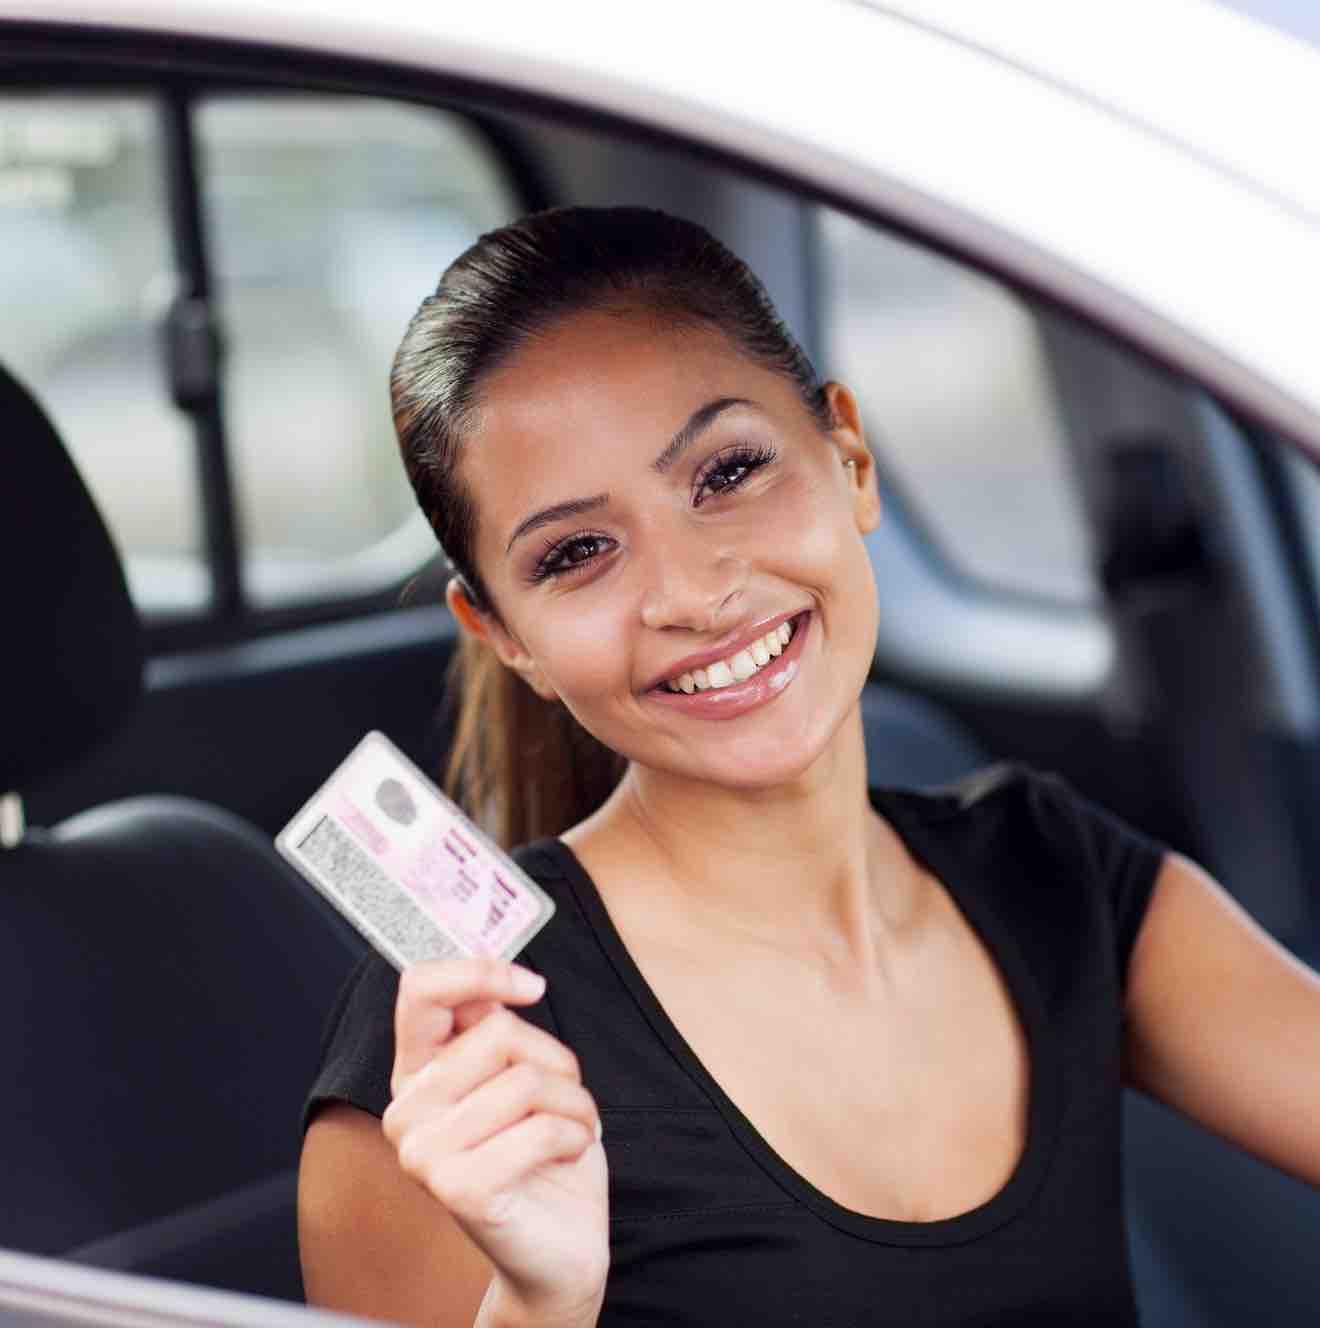 Frau sitzt am Steuer und hält Führerschein in der Hand